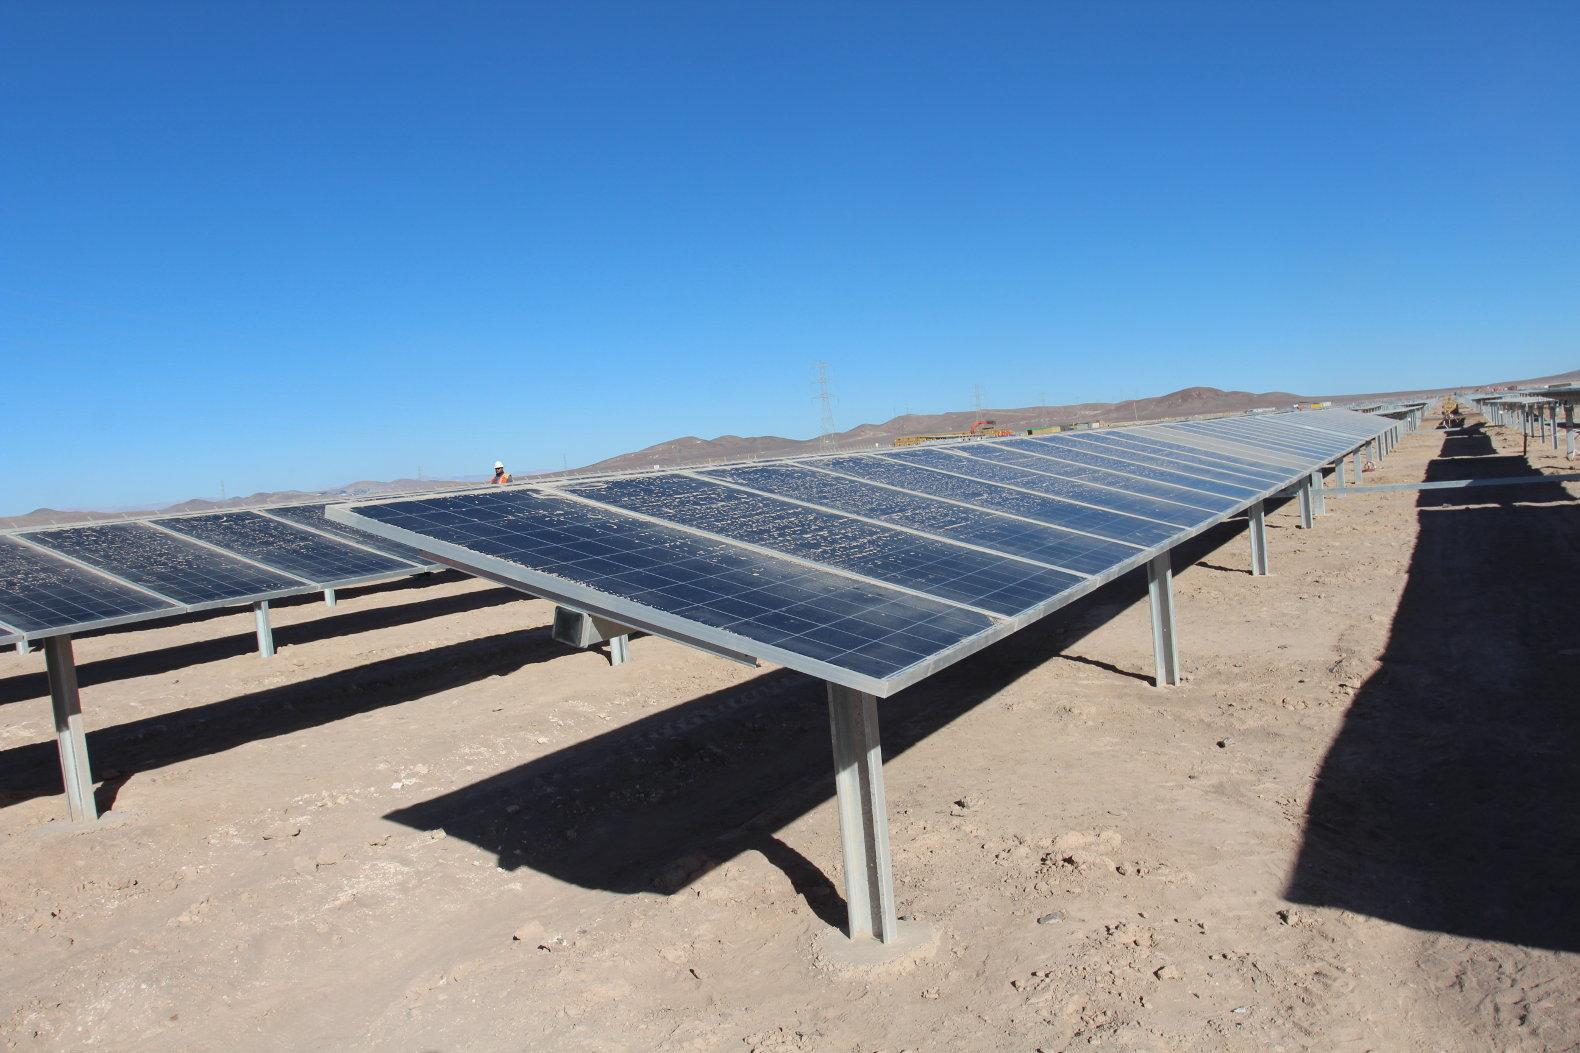 chile-renewable-solar-energy-giving-away